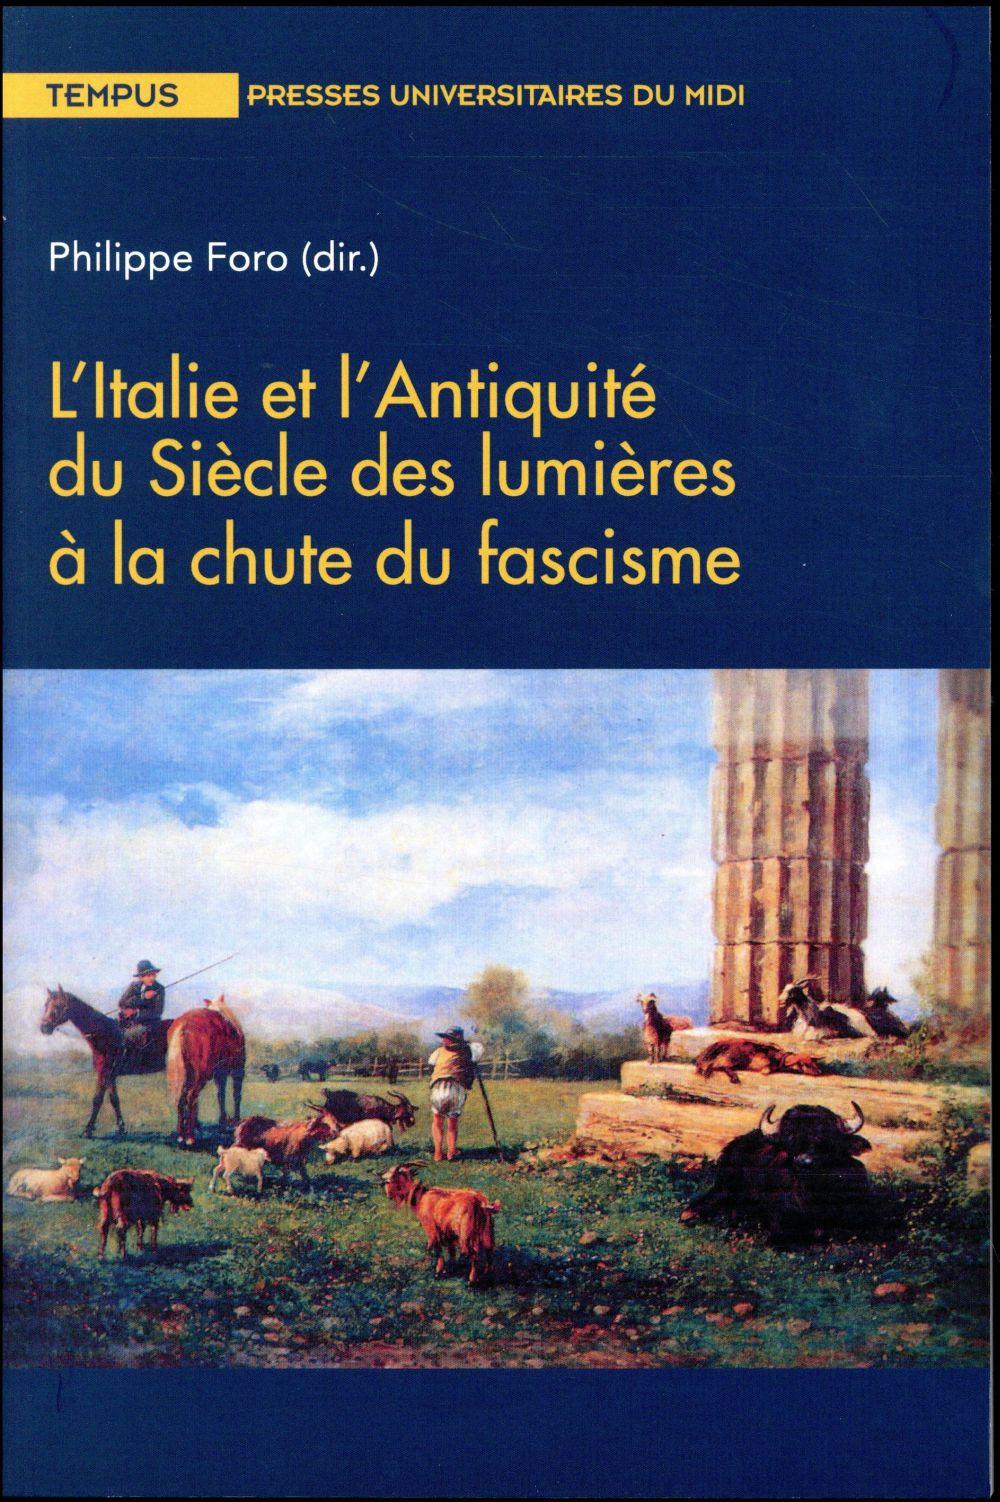 L'italie et l'Antiquité